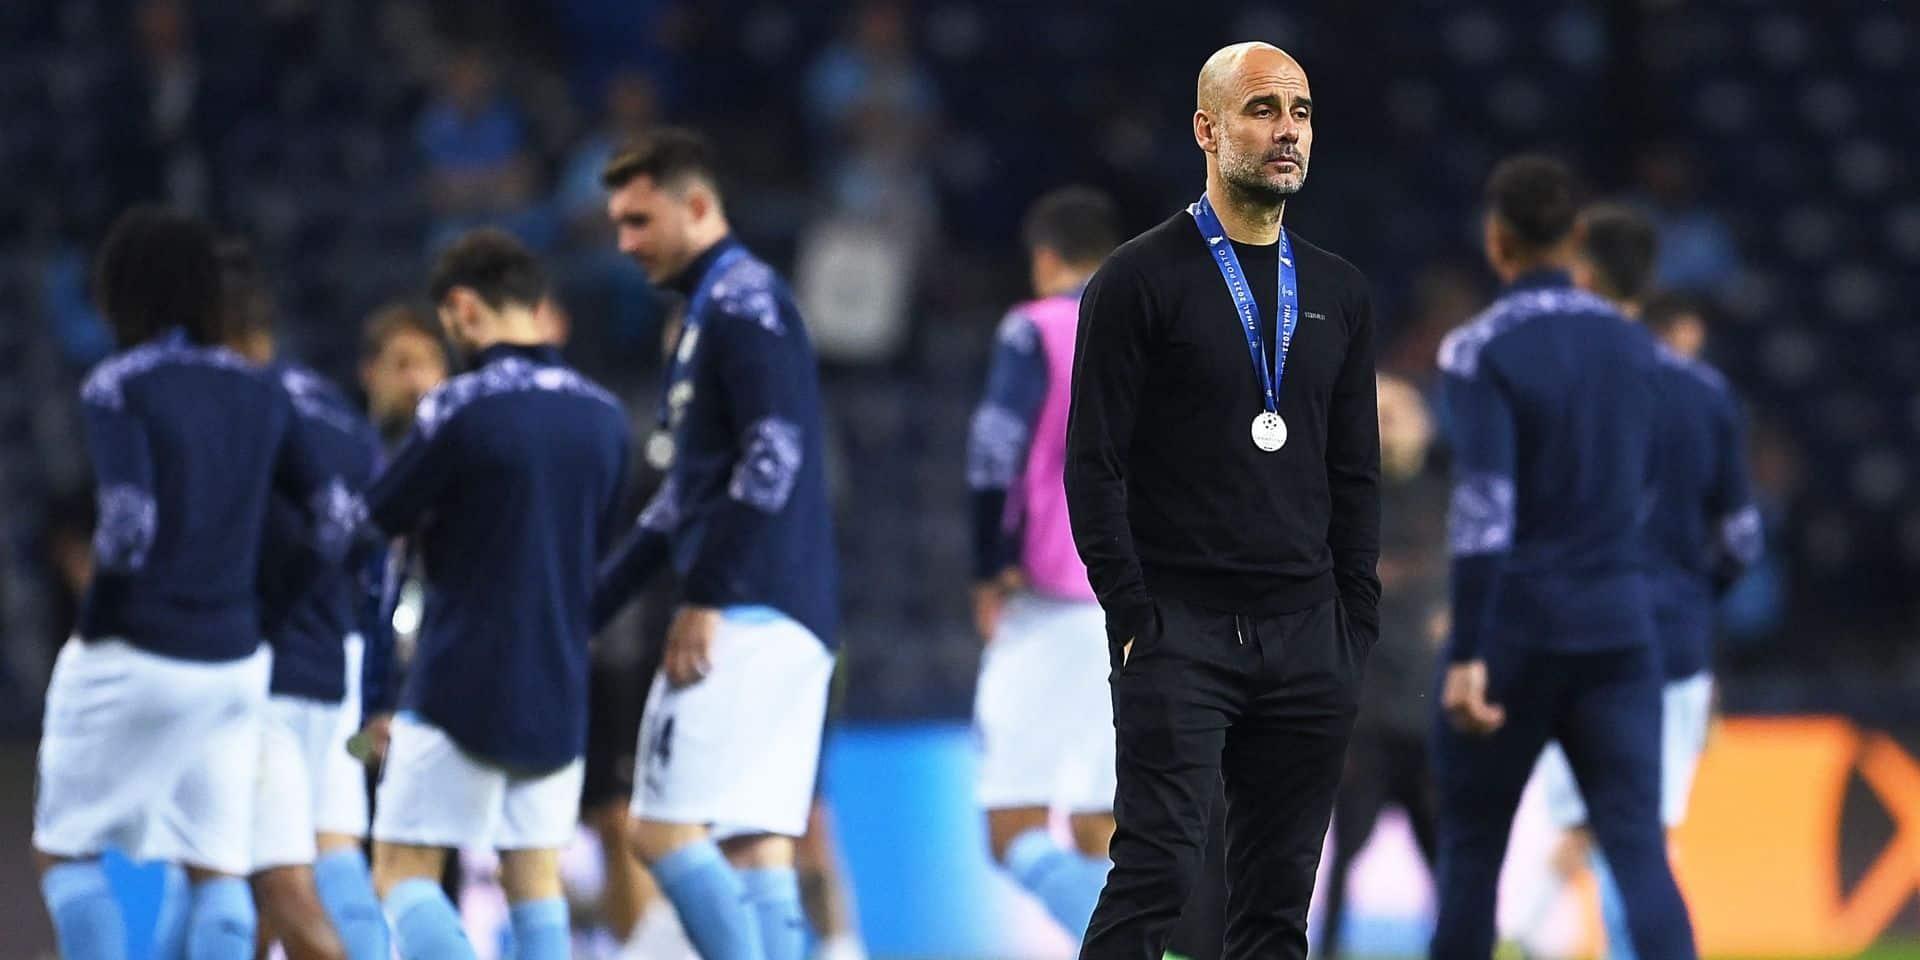 """Pep Guardiola après la finale perdue: """"On va revenir"""""""